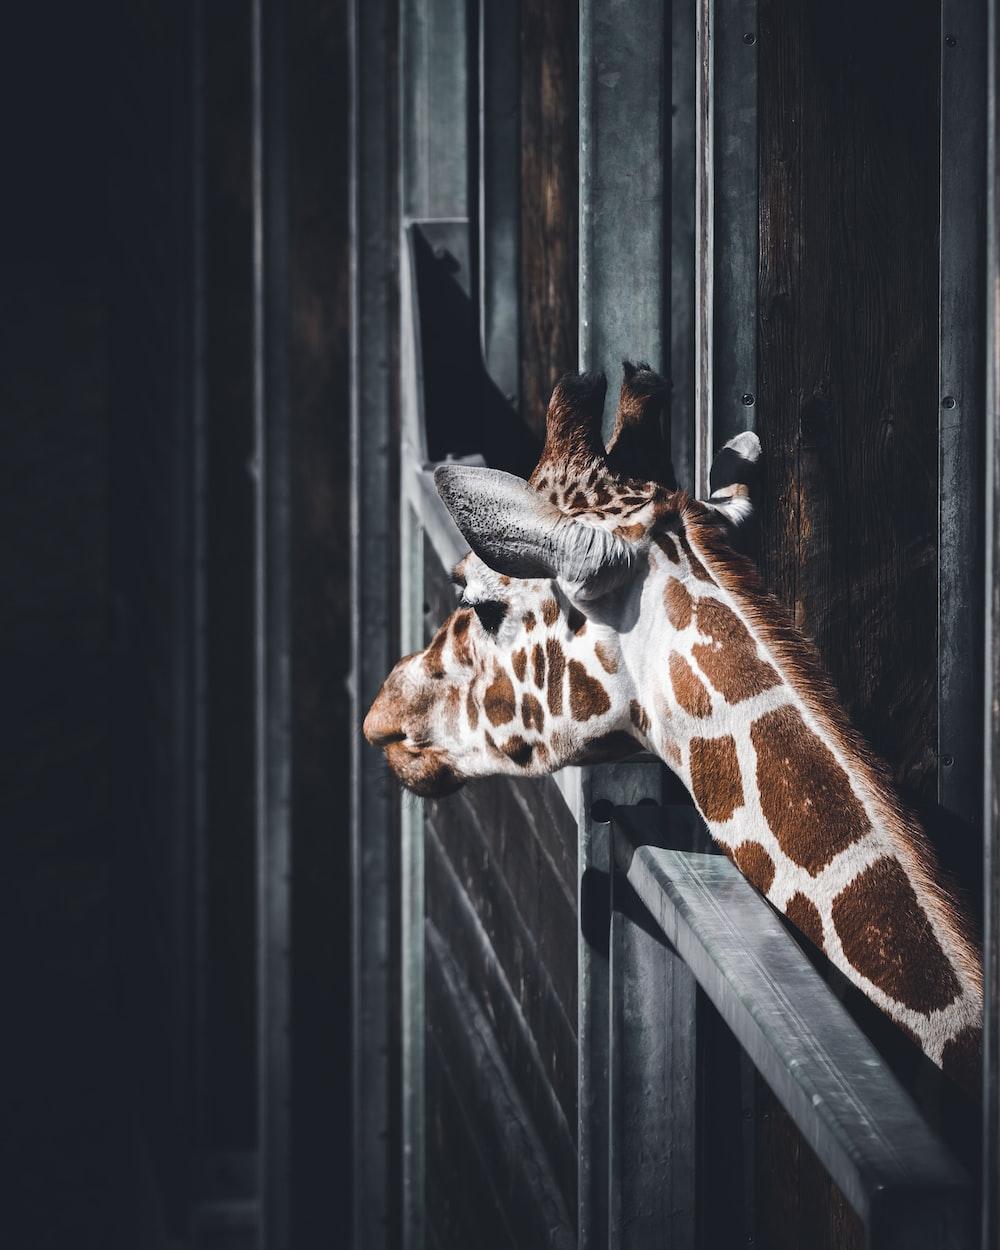 selective focus photograph of giraffe